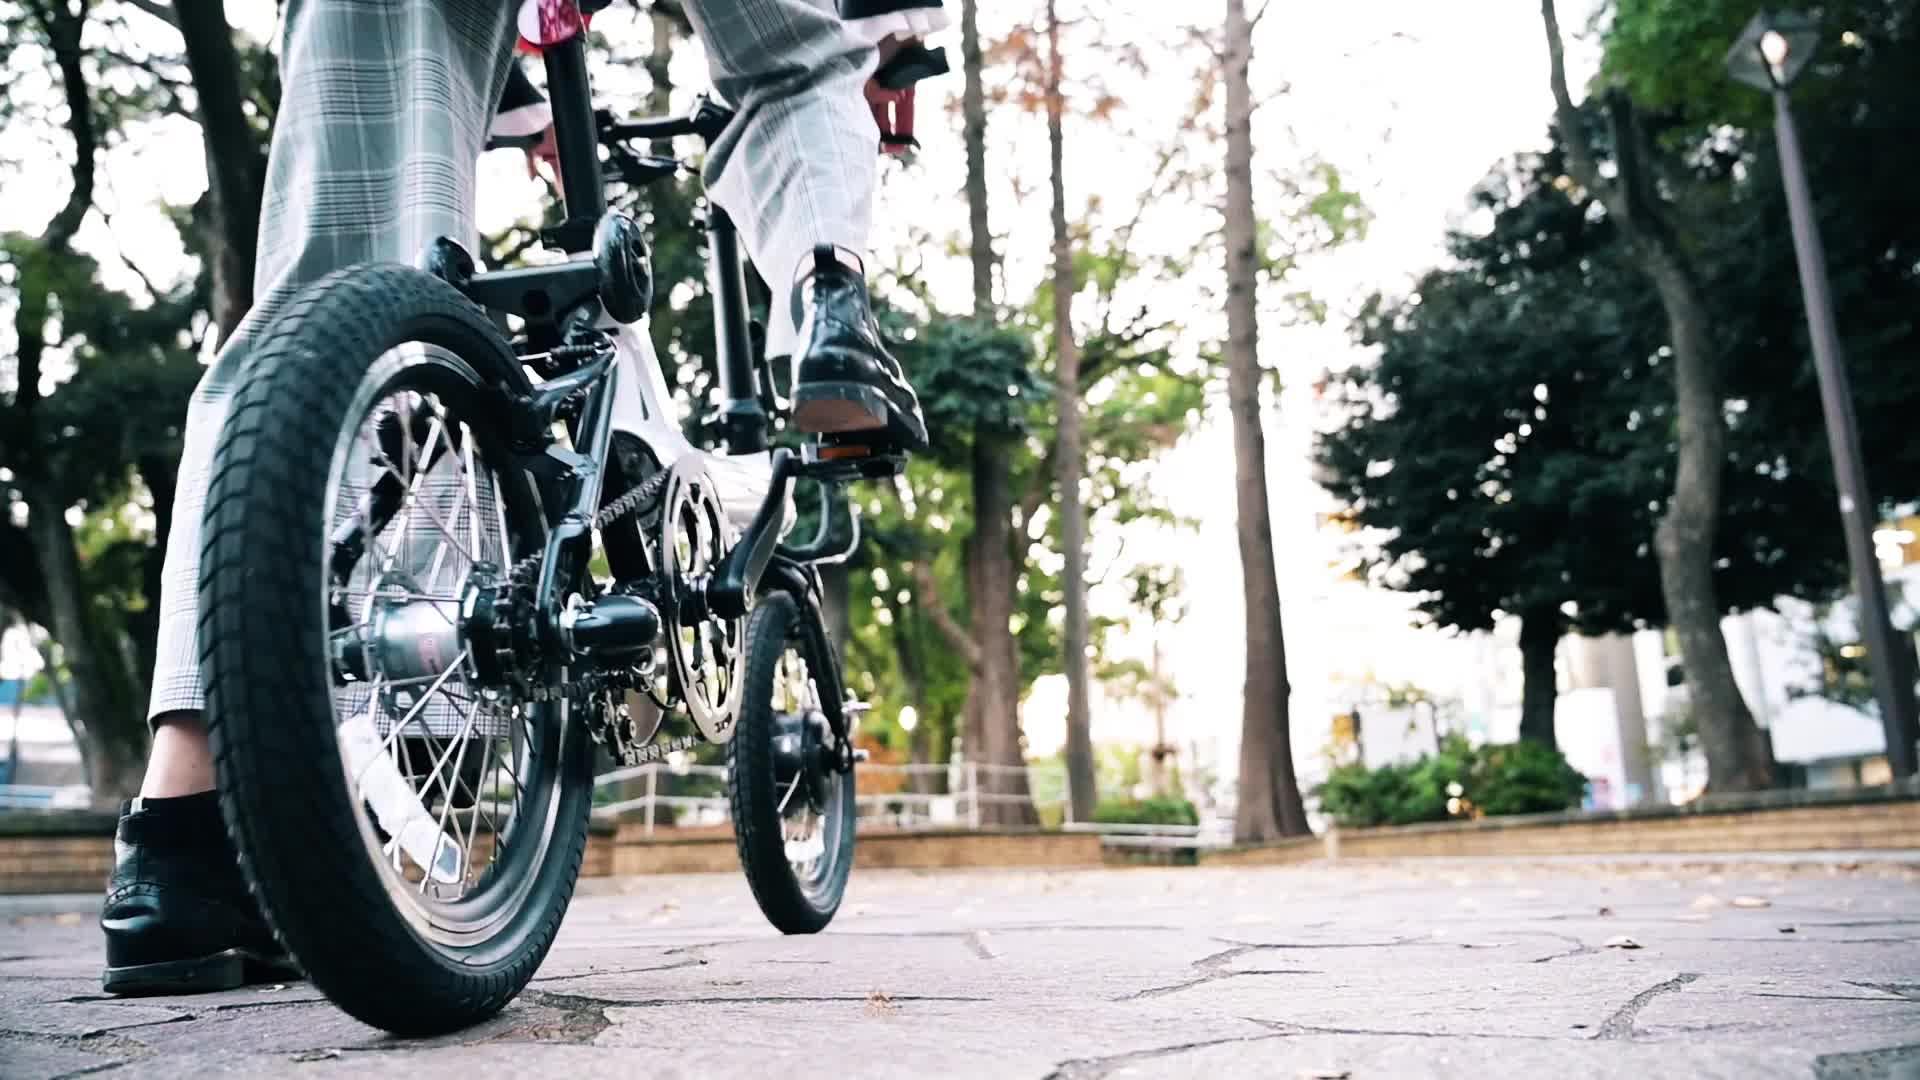 Barato e Garantia de Qualidade e bicicleta 16 polegadas dobrar bicicleta elétrica